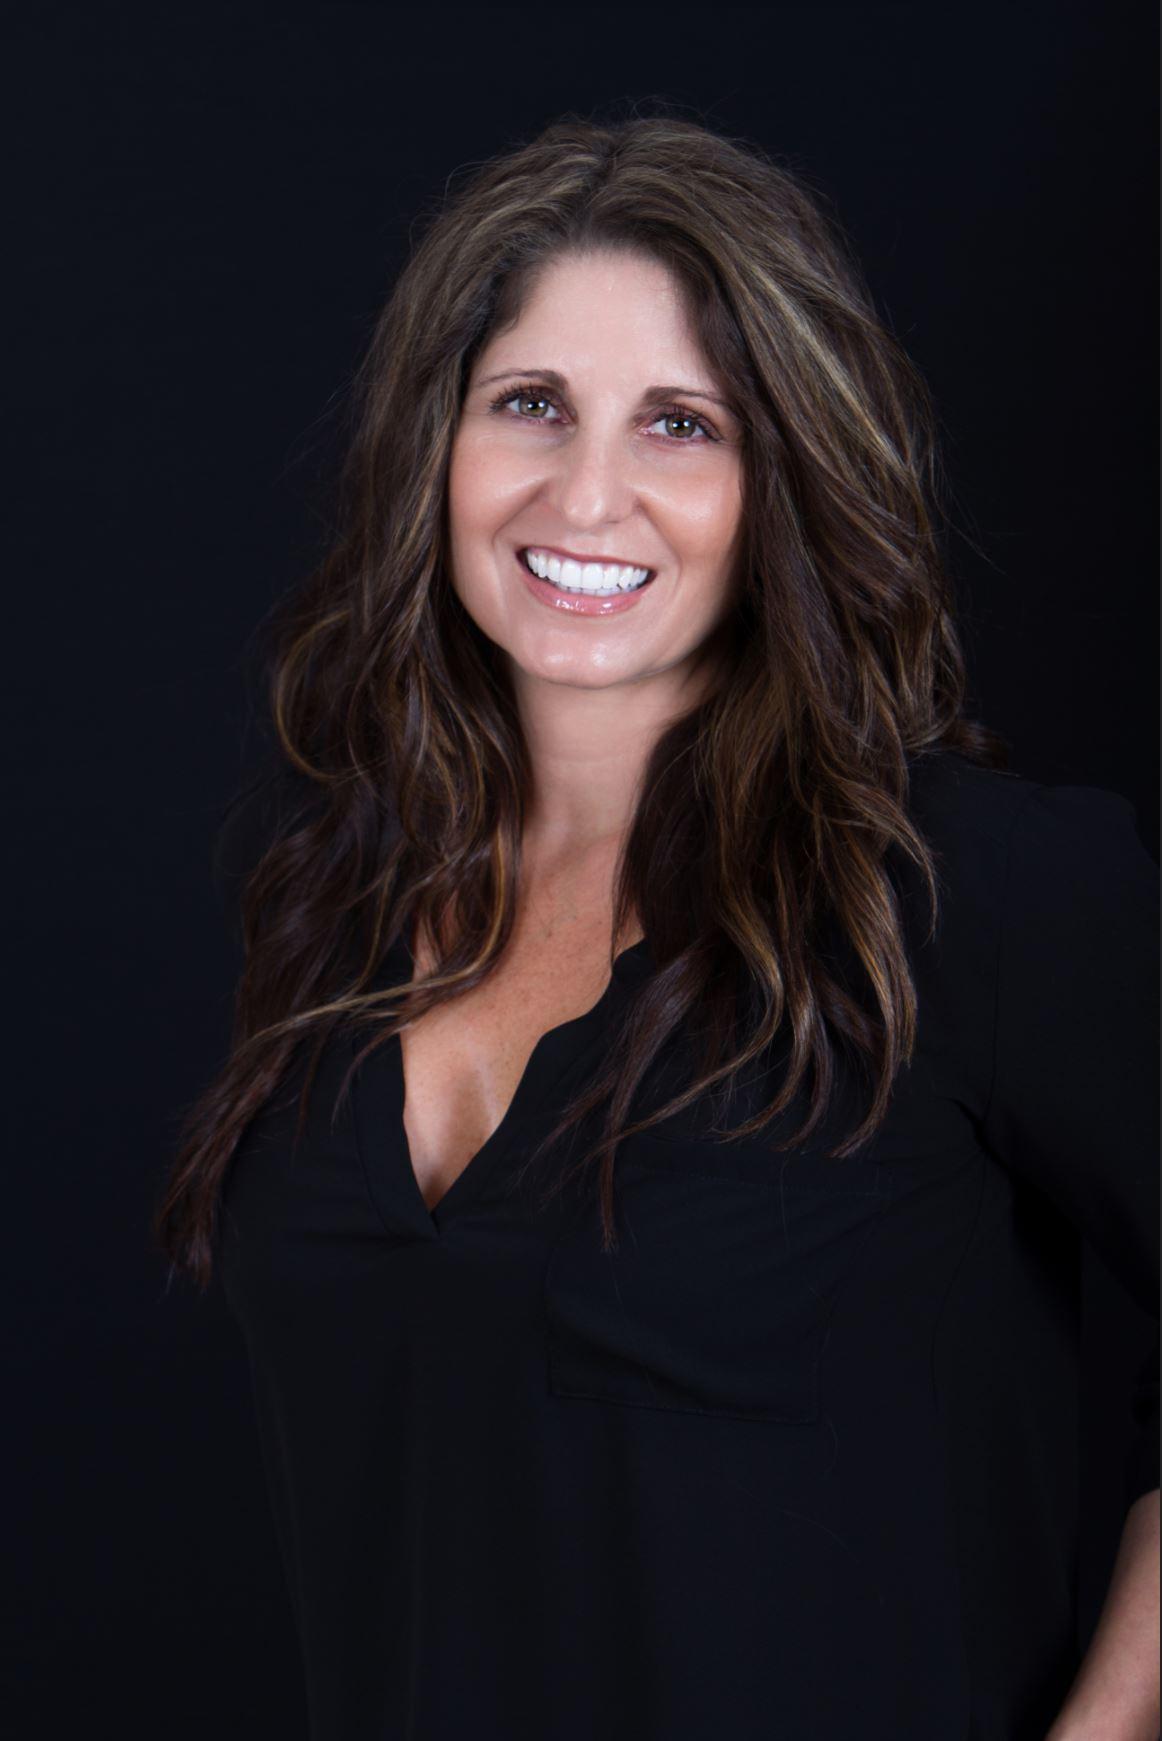 Monique Bosi